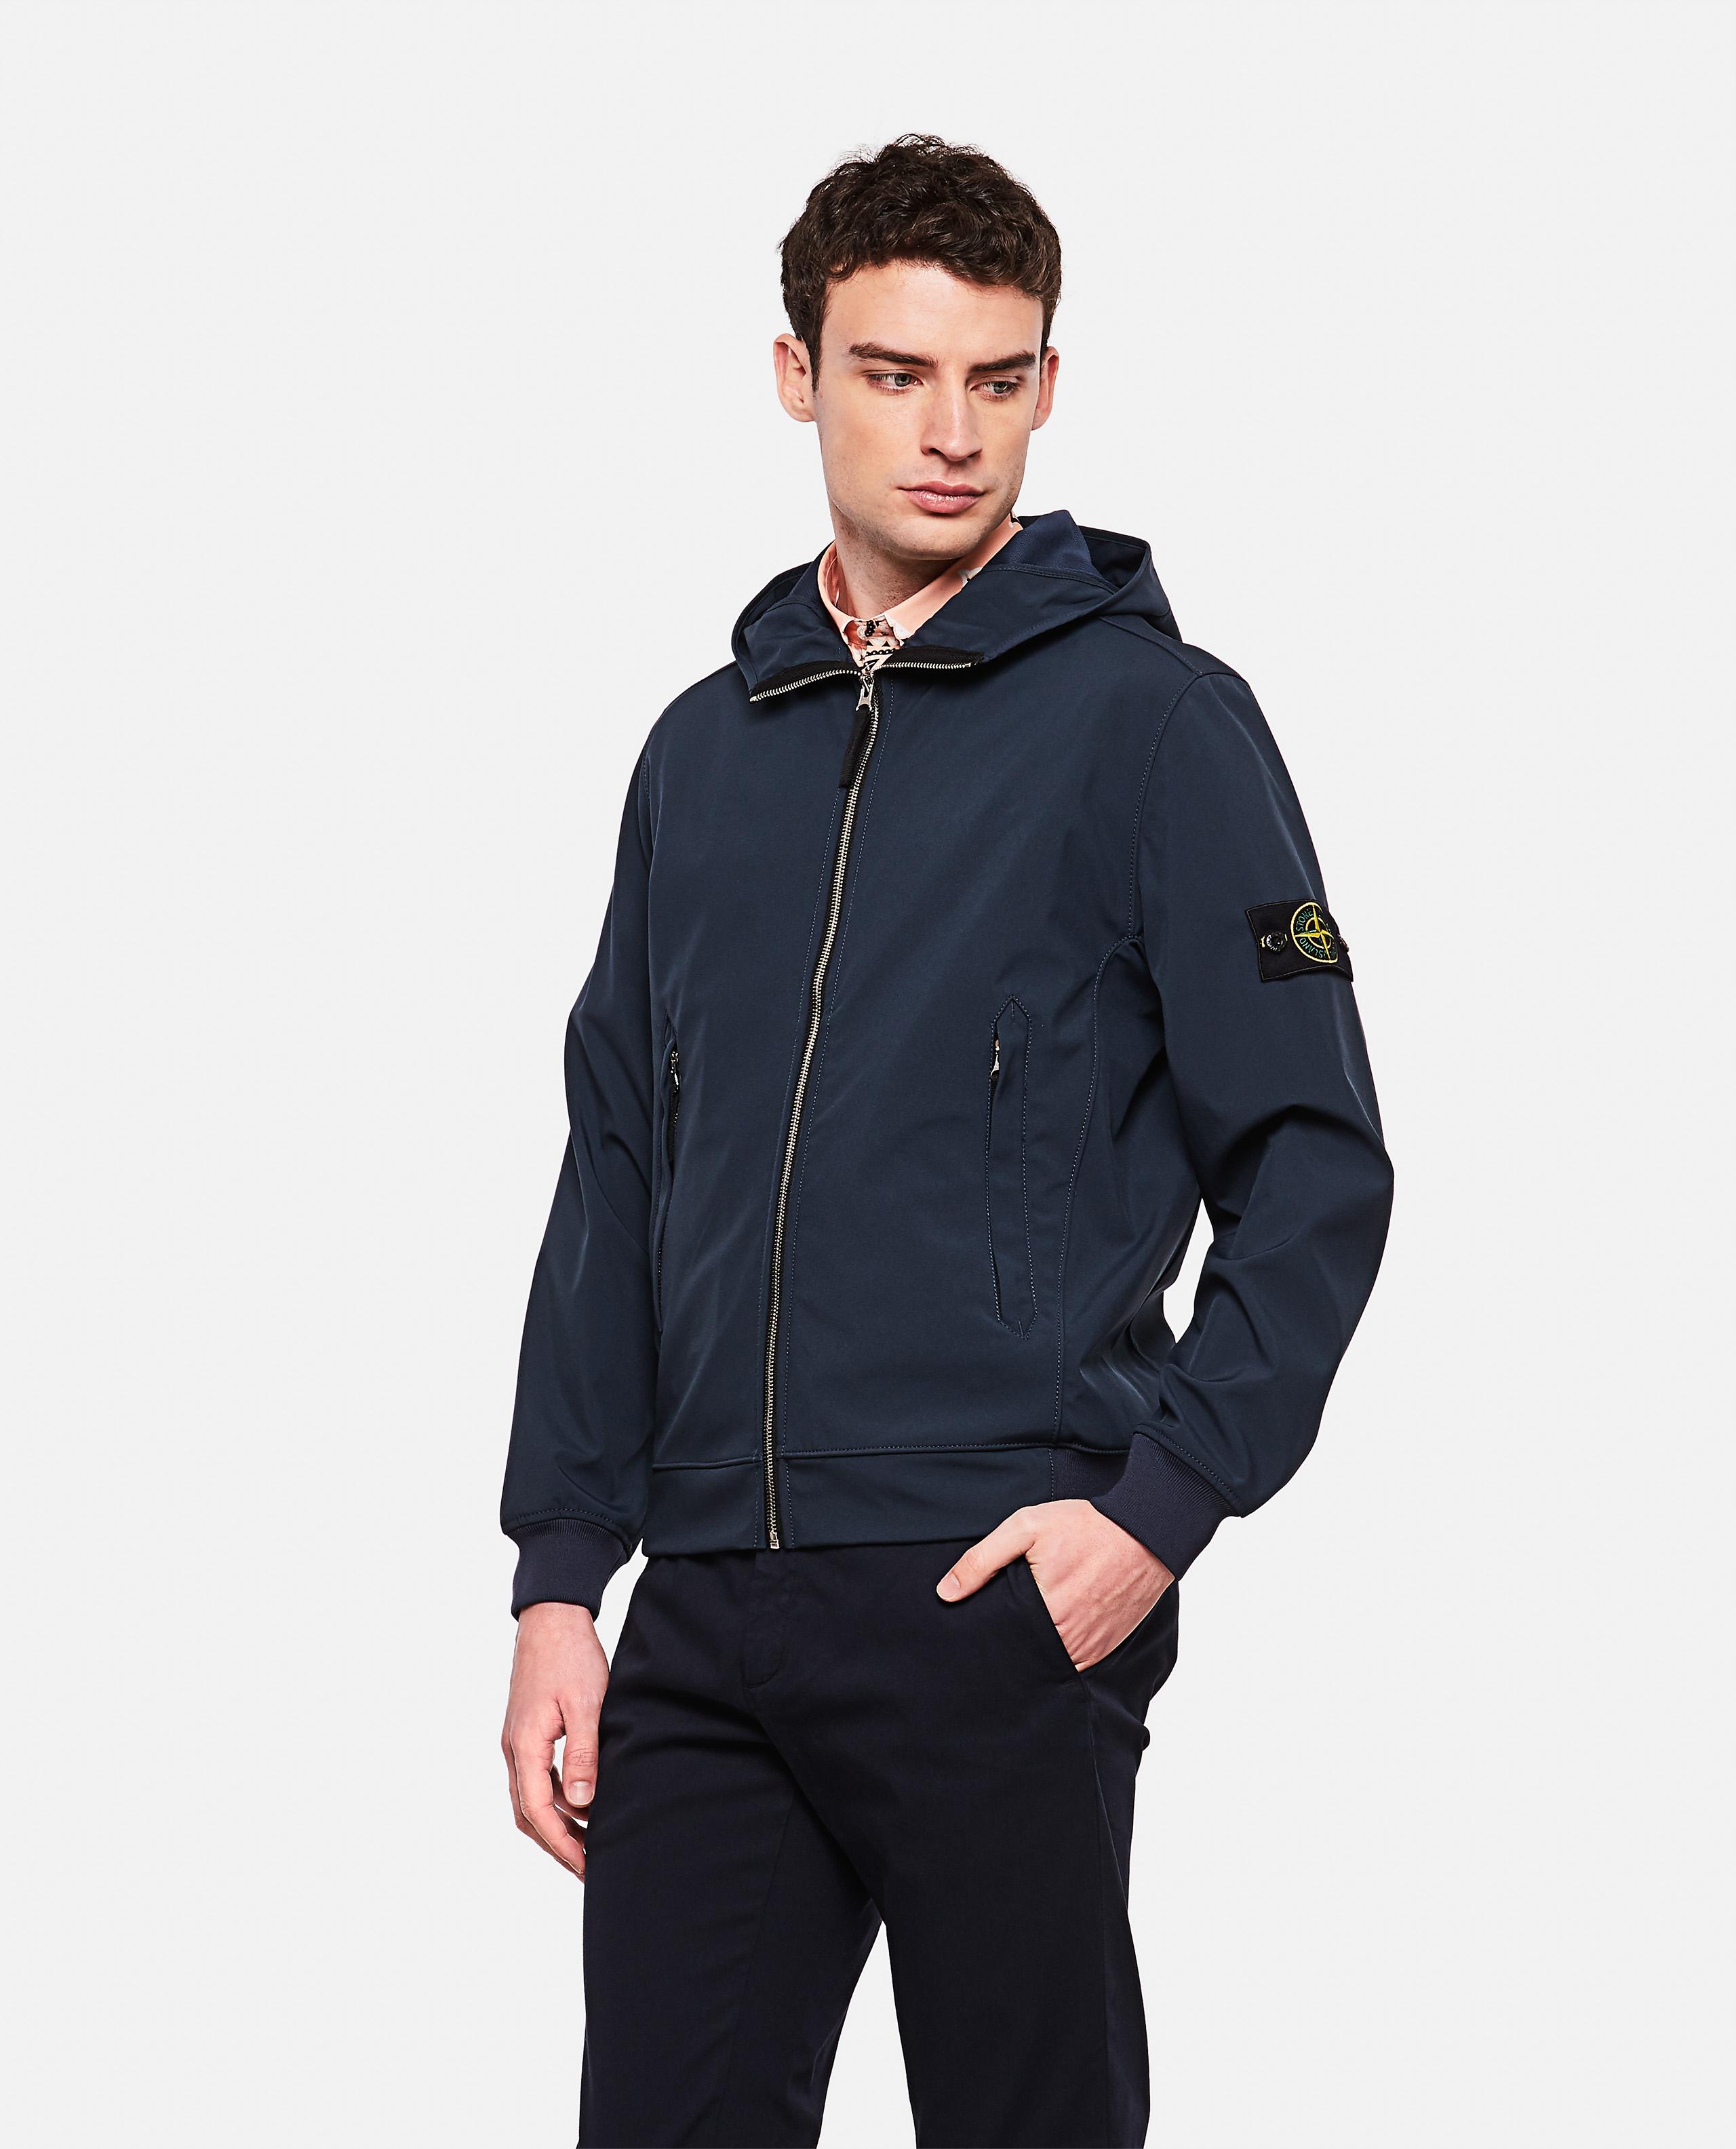 Lightweight Soft Shell jacket